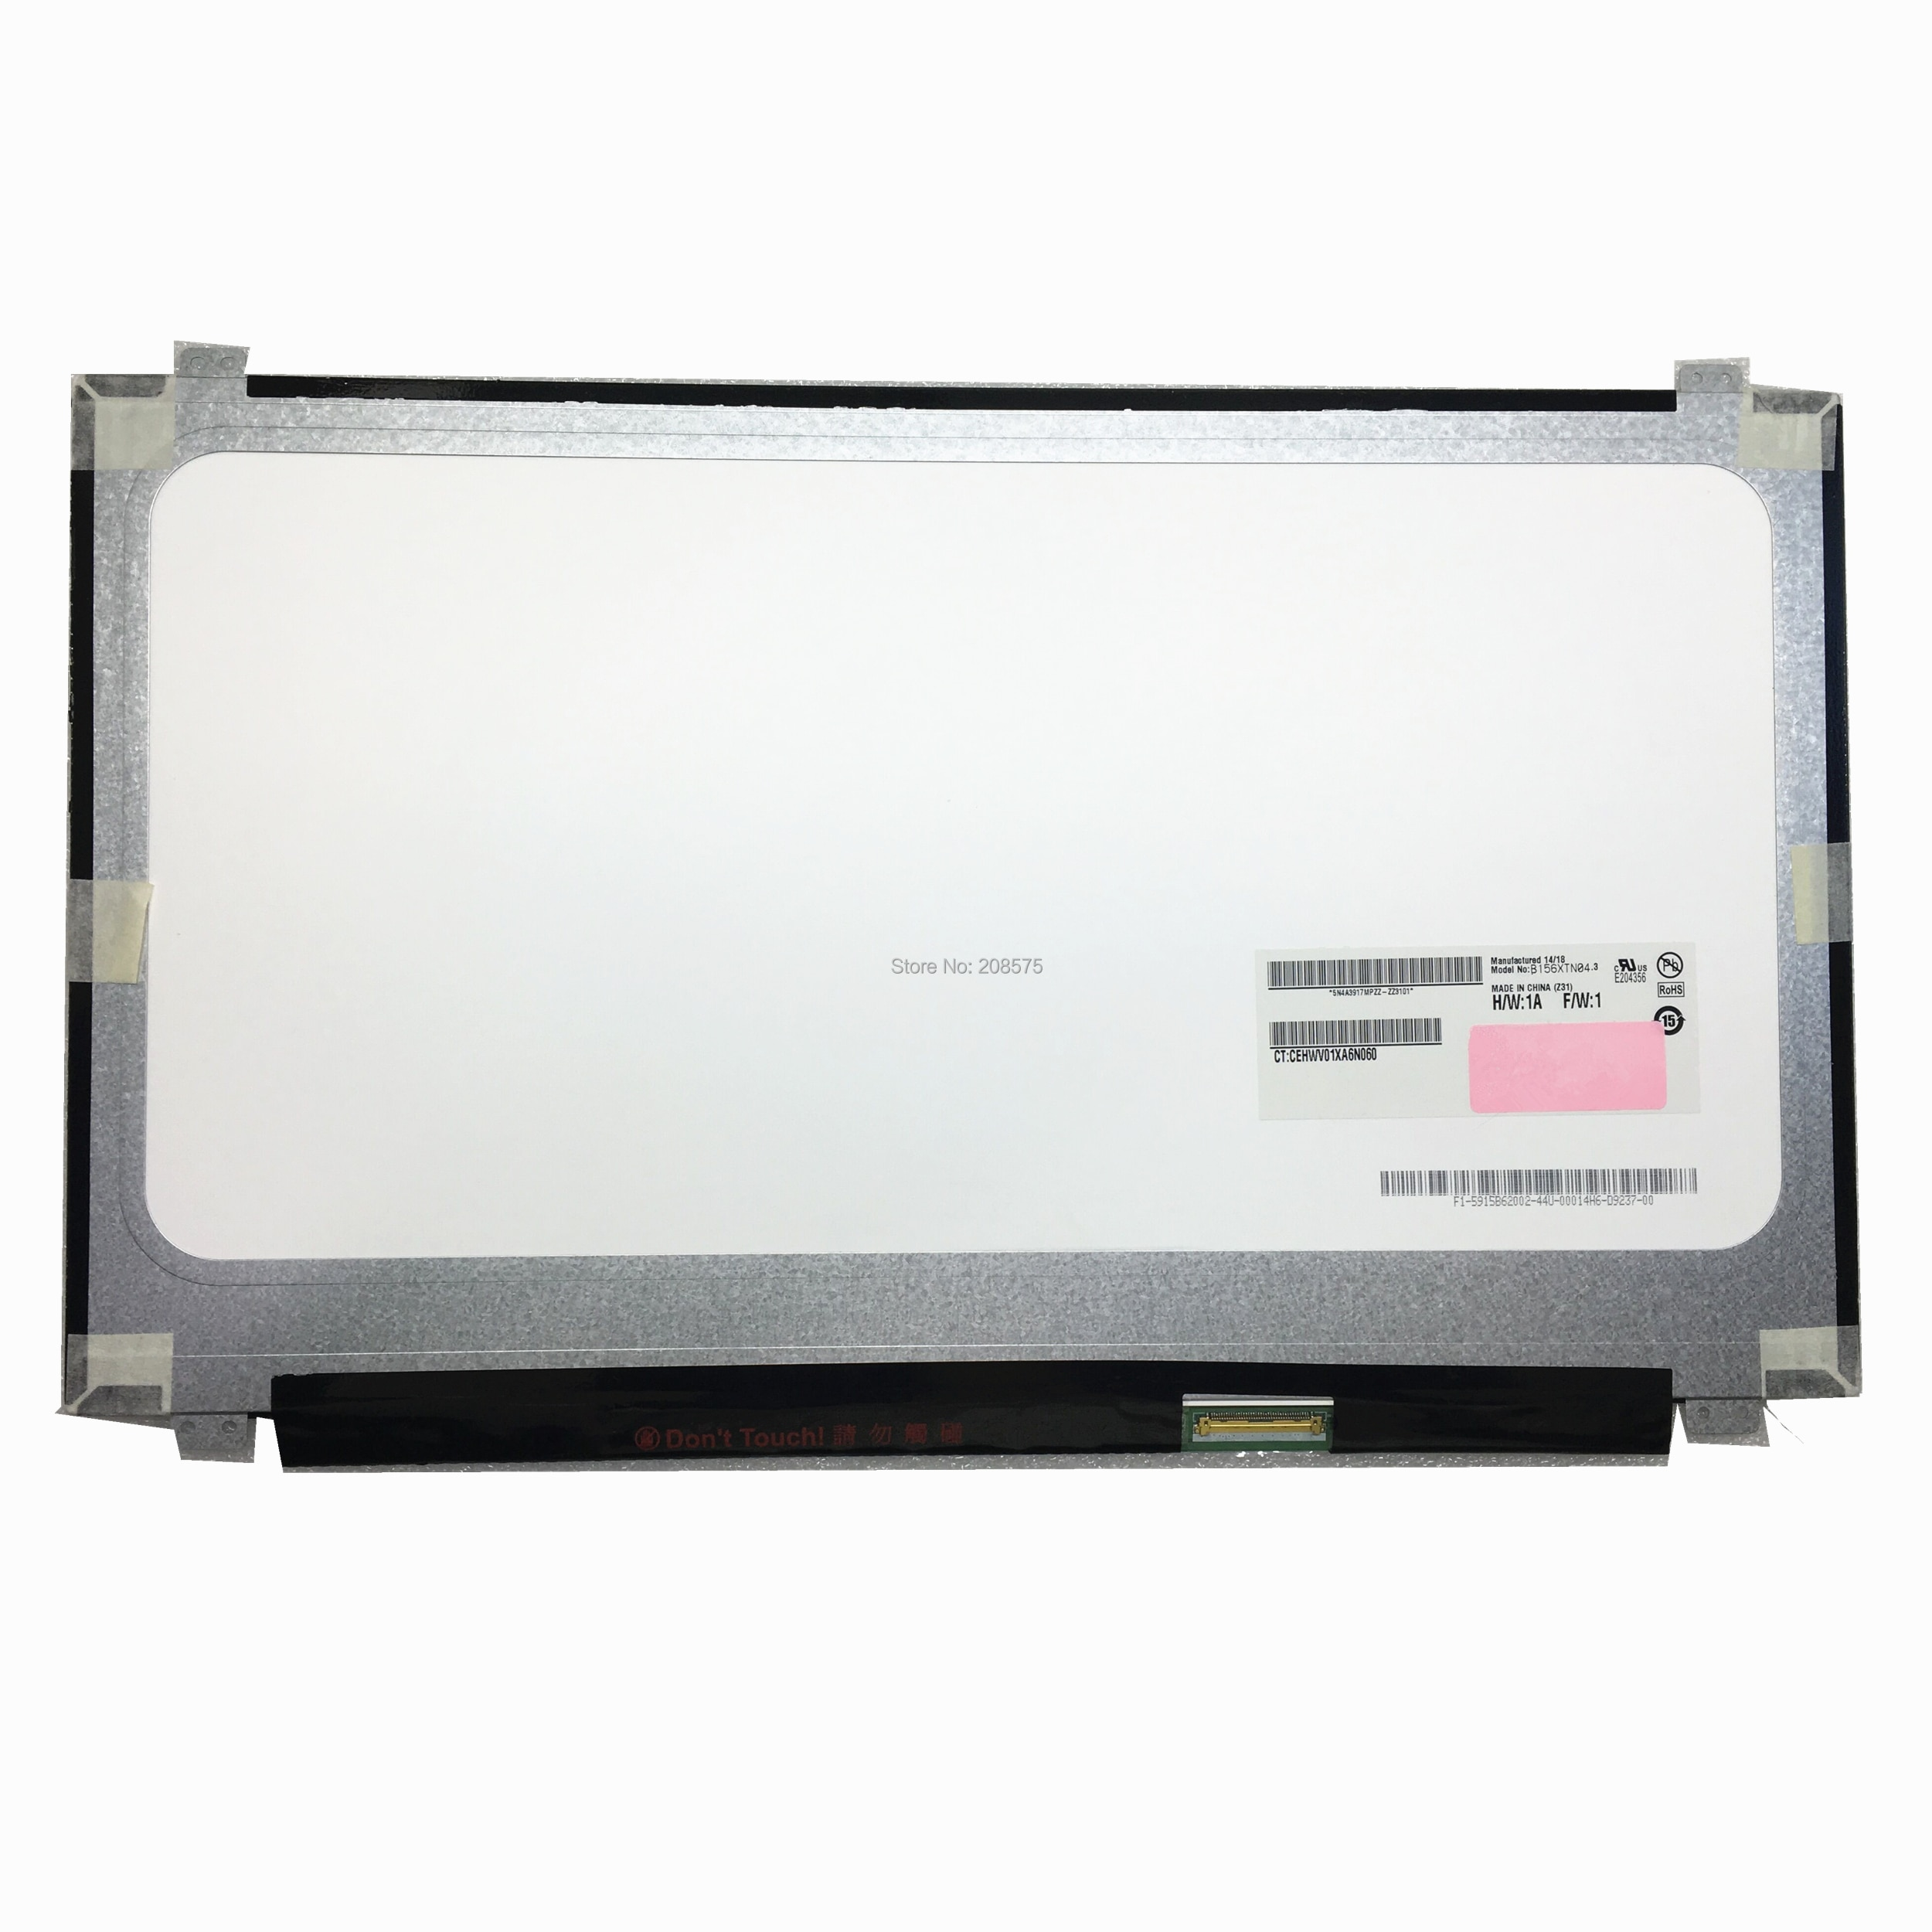 Тонкий ноутбук B156XTN04.3 B156XTN04.2 NT156WHM N10 LP156WHB TLA1 B156XW04 V5 V6, ЖК-экран 1366*768 LVDS 40 pins, бесплатная доставка